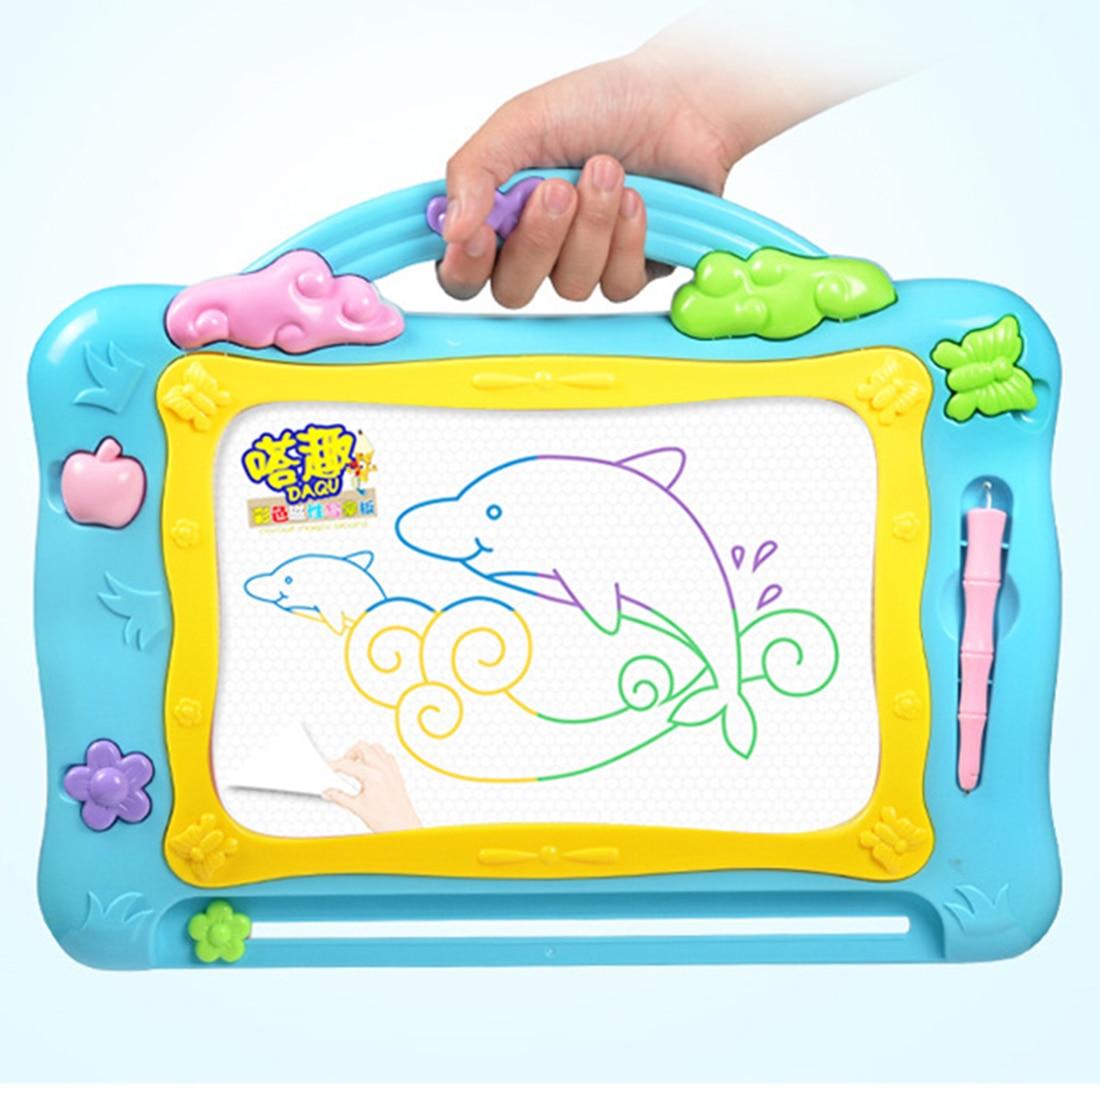 מדהים מגנטי ציור צעצועי למידה הארה גרפיקה Tablet לילדים חינוכיים ציור SG-84